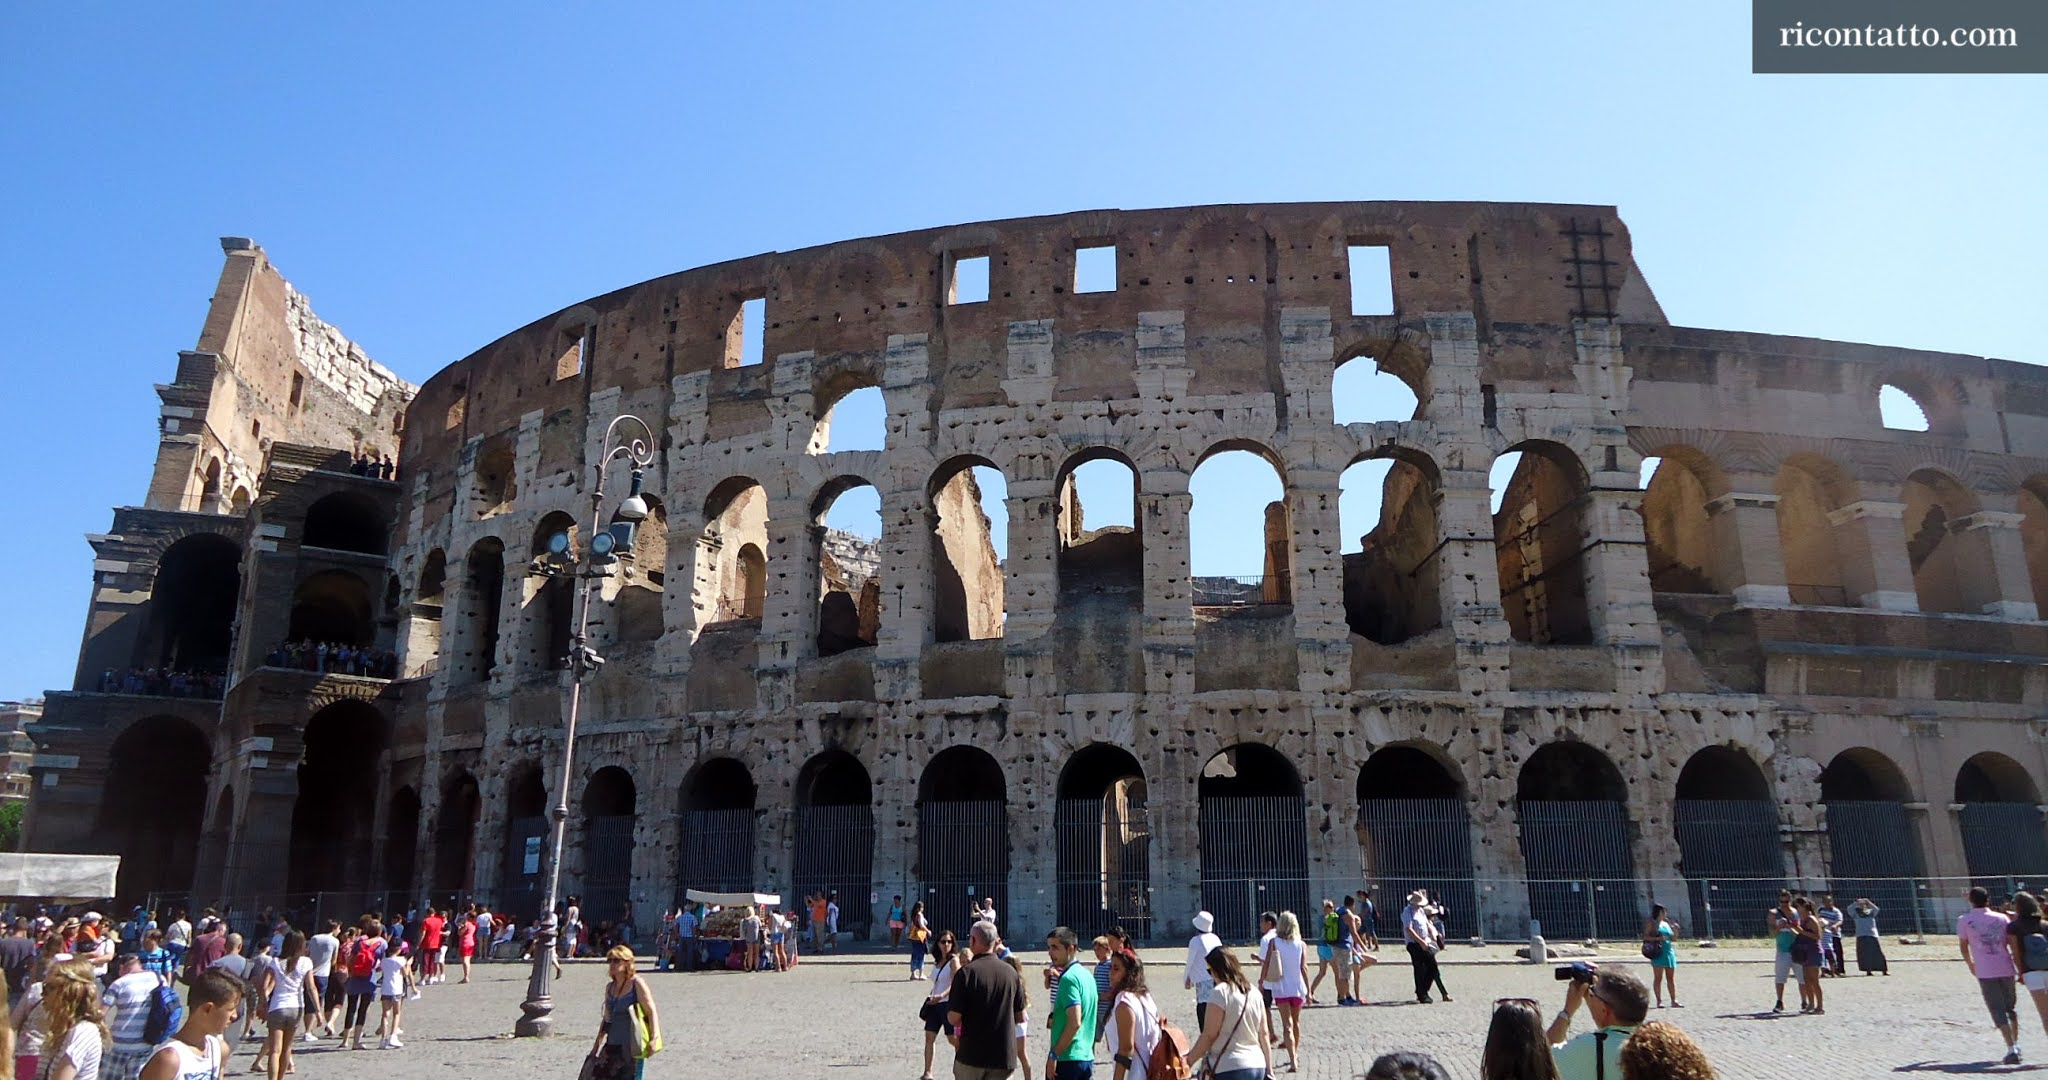 Roma, Lazio, Italy - Photo #04 by Ricontatto.com